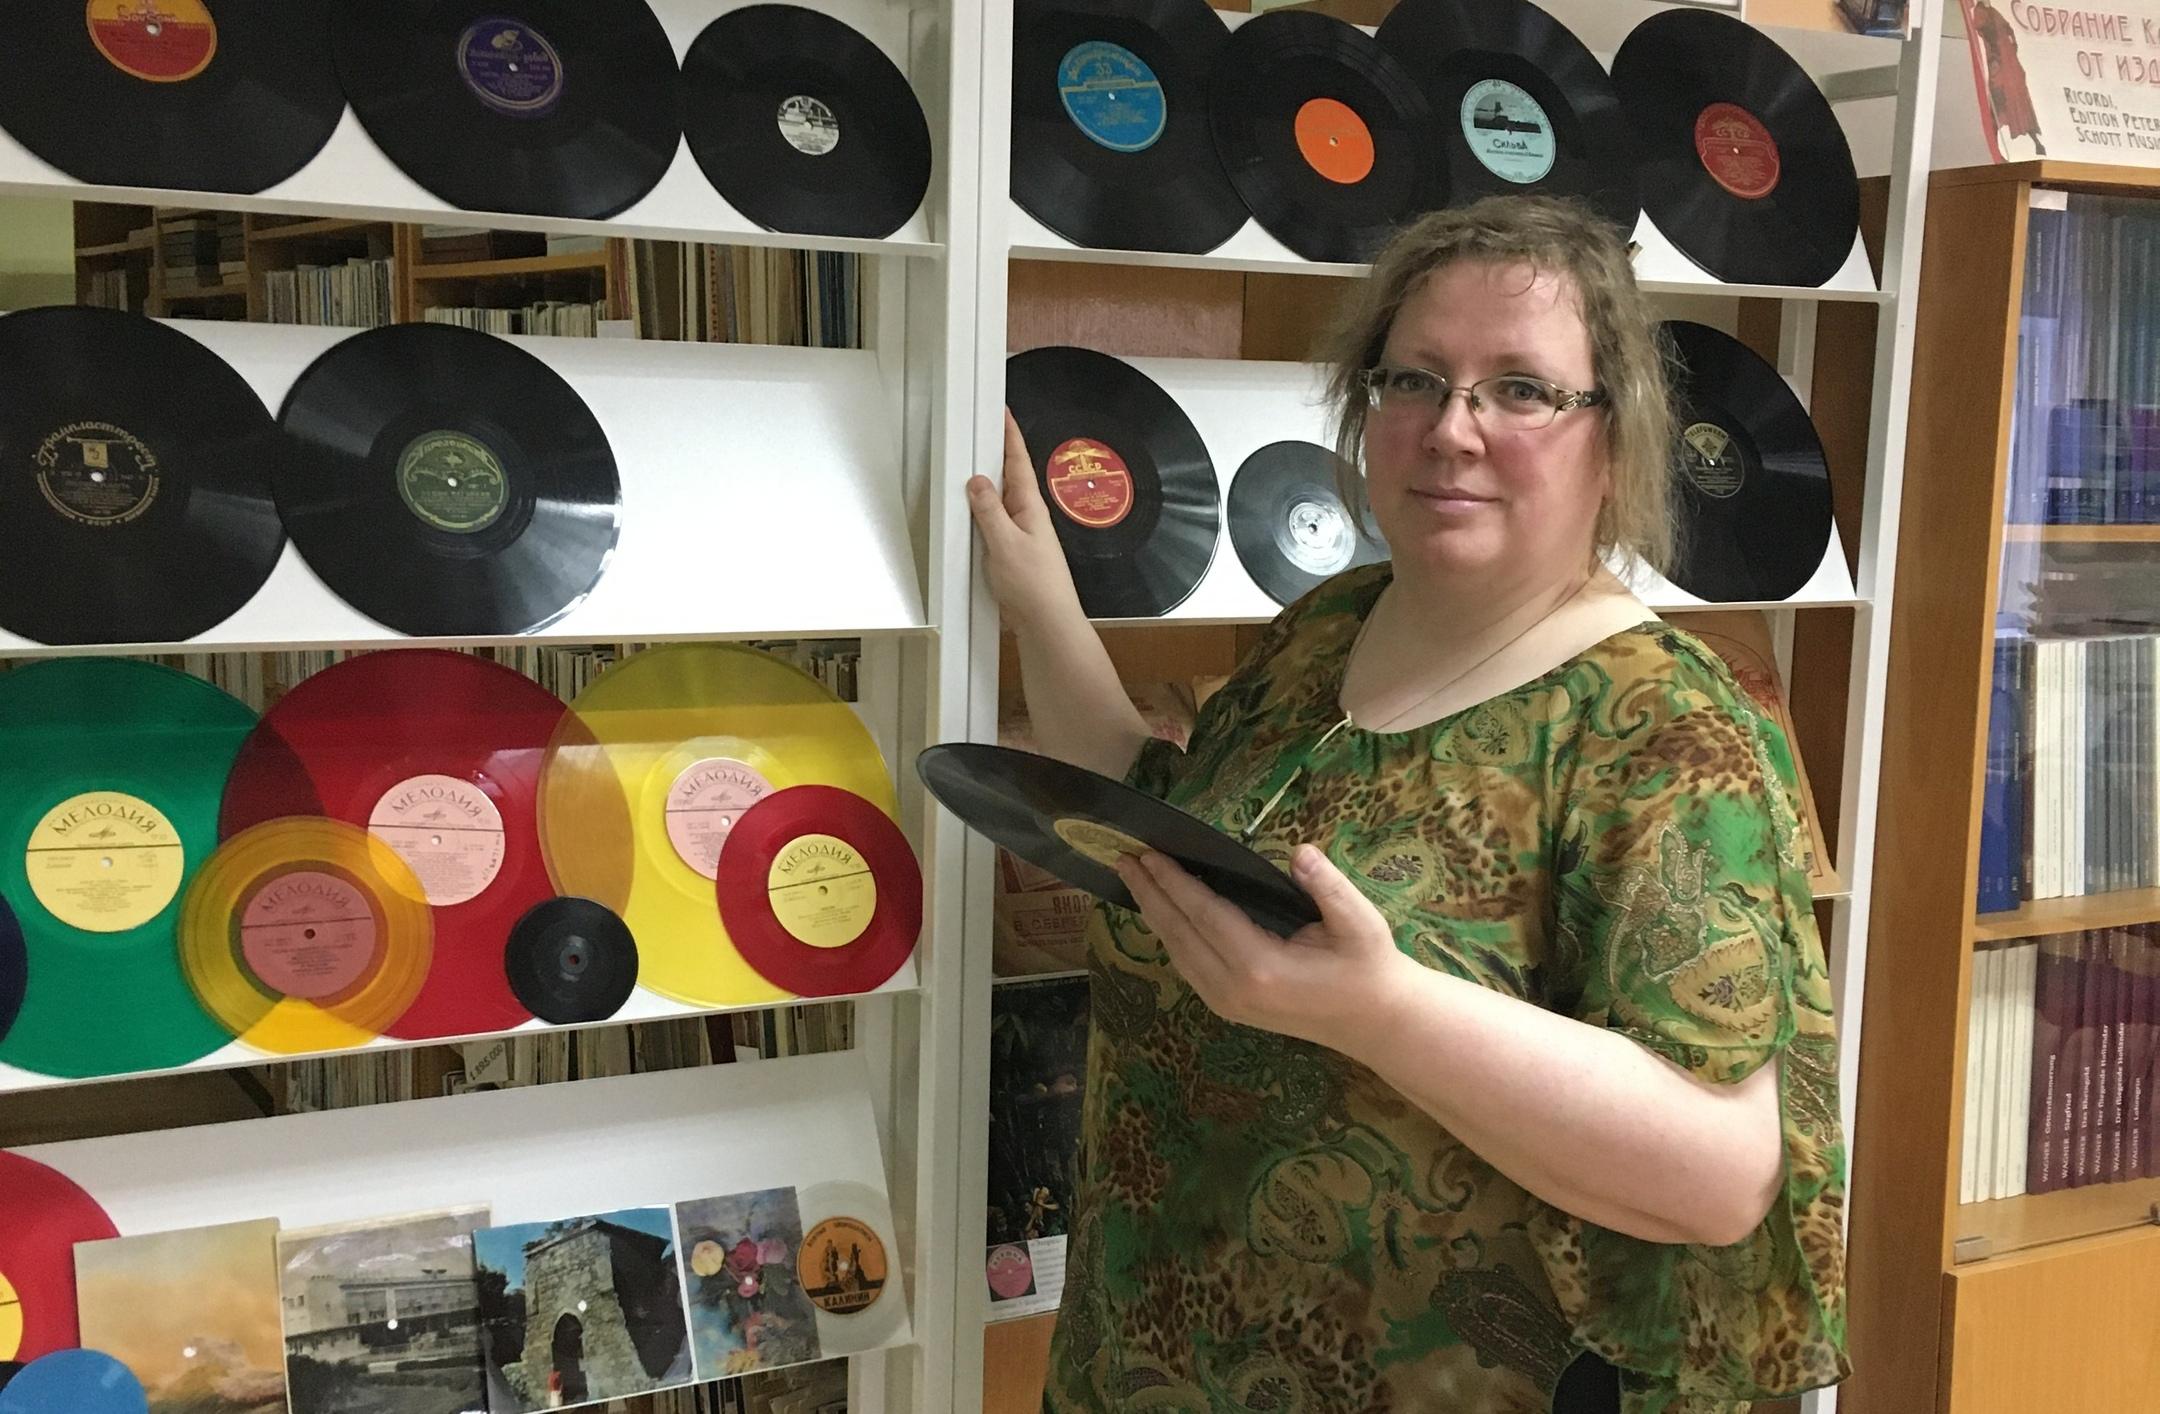 Библиотекари Тверской области заявили о самопрезентации: Ольга Демидова